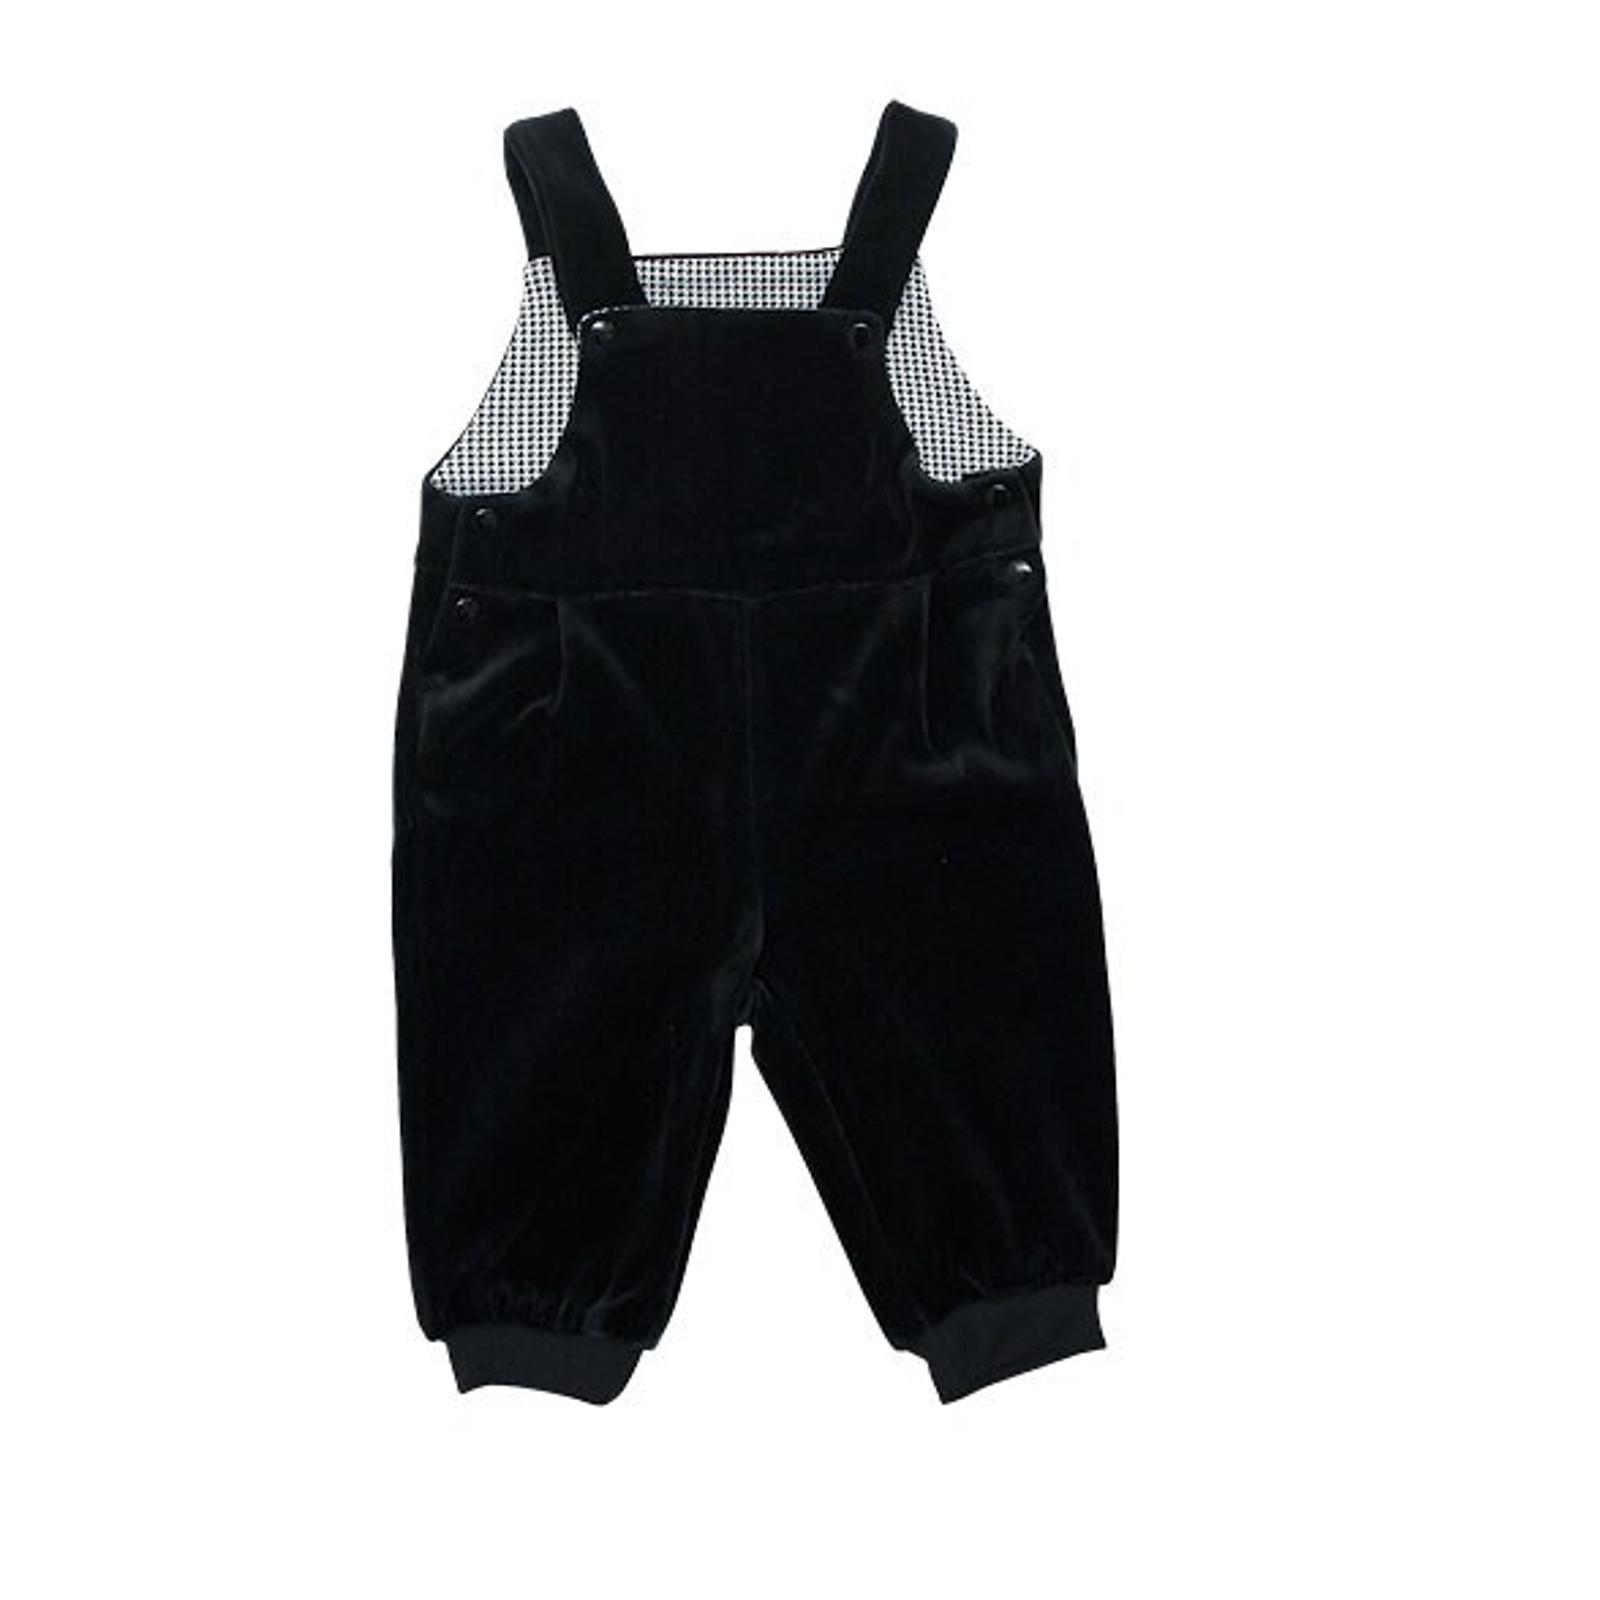 Полукомбинезон велюровый Soni Kids Cони Кидс Денди для мальчика, цвет черный размер 92